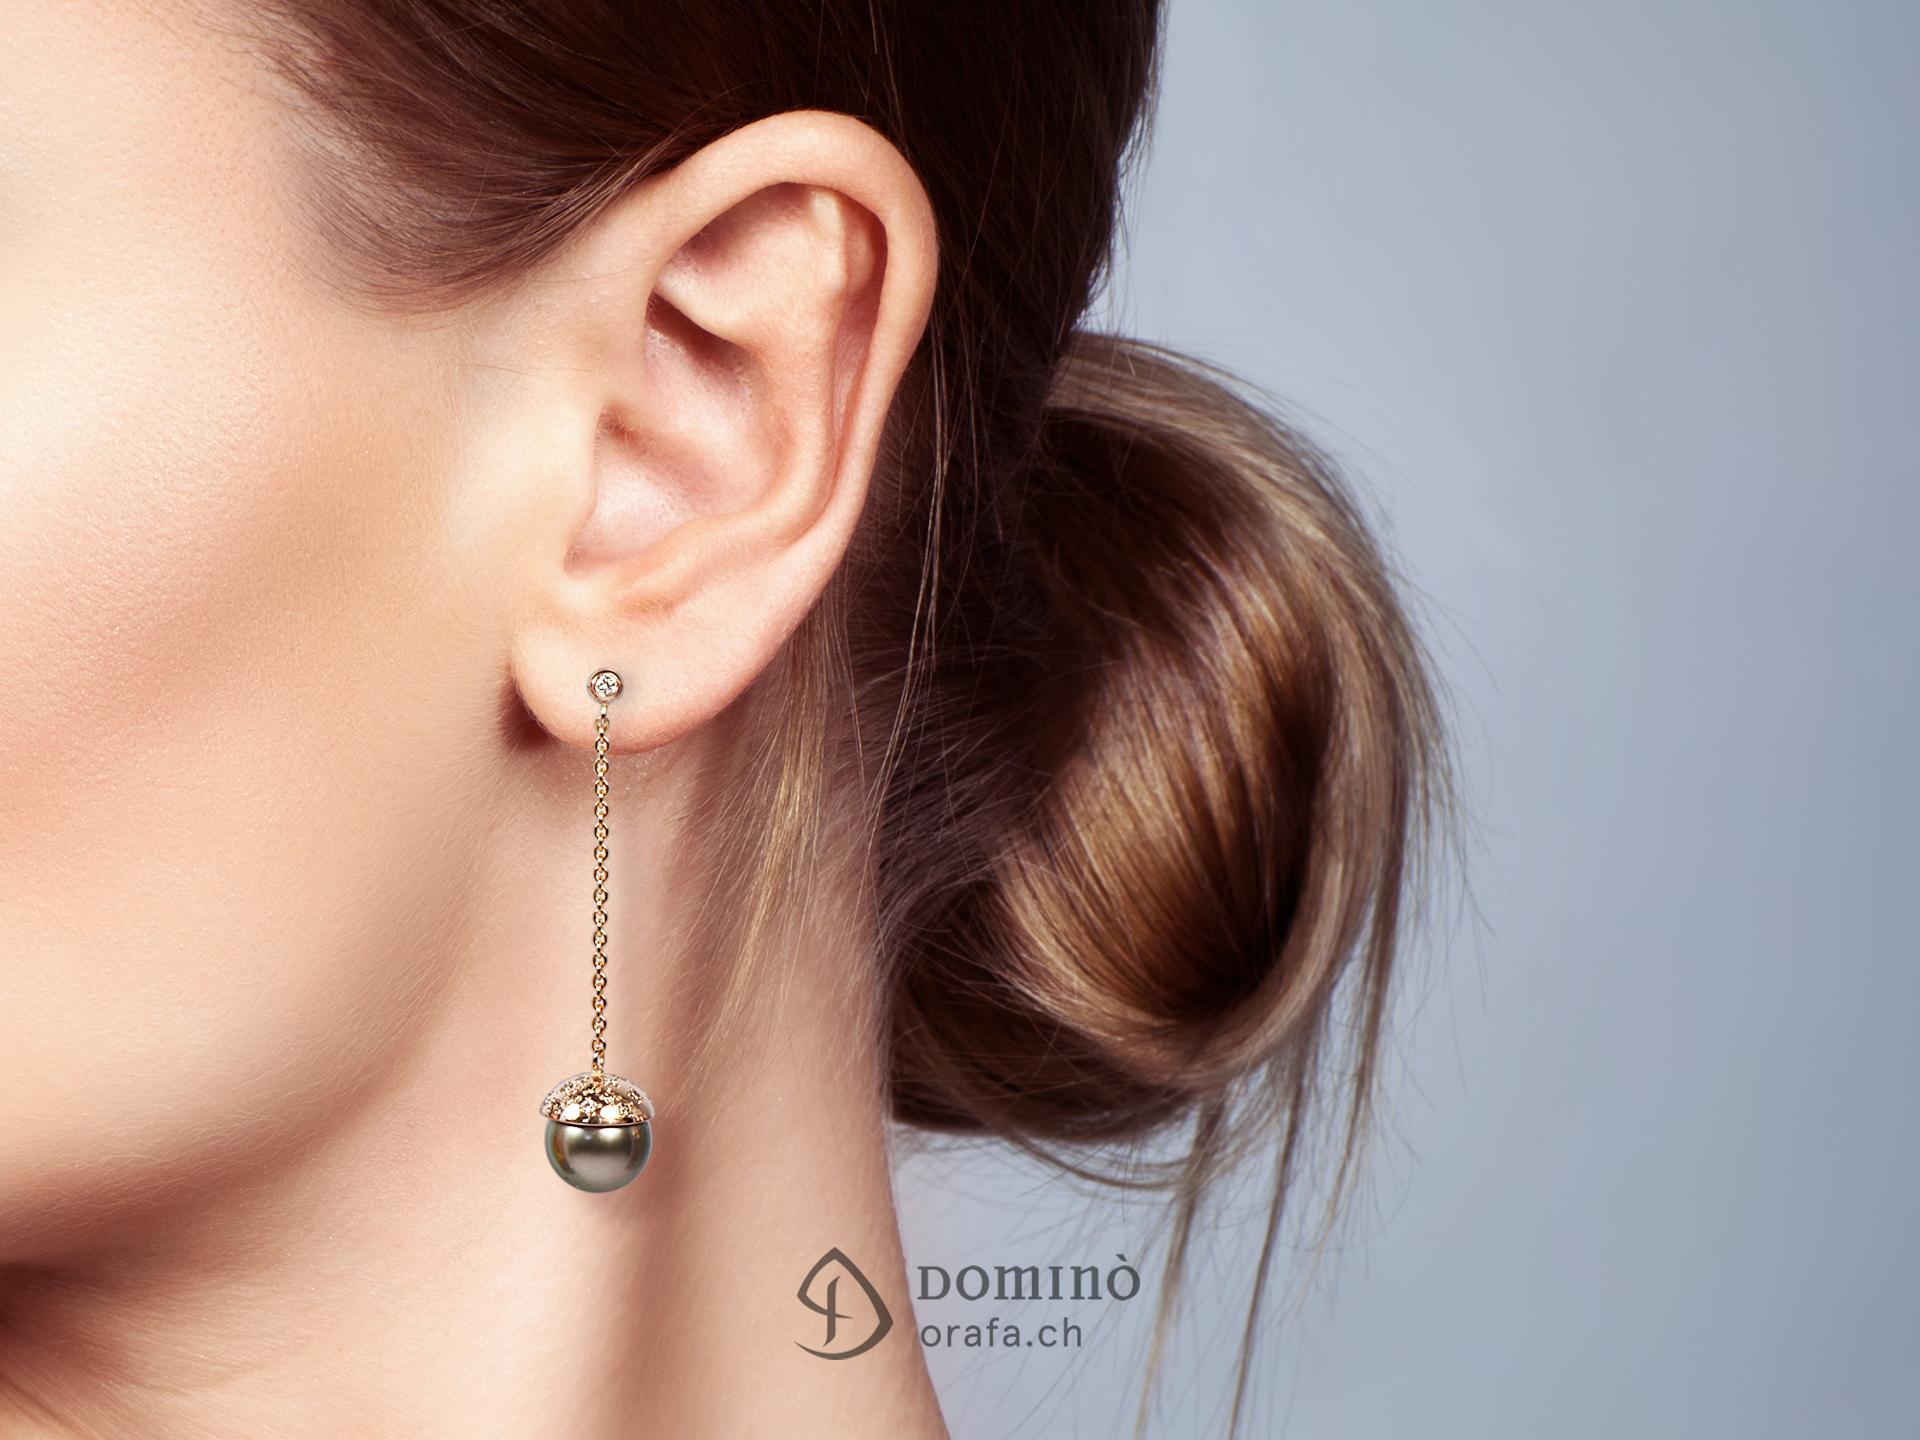 orecchini-oro-rosso-diamanti-incolore-cognac-brown-perle-tahiti-1